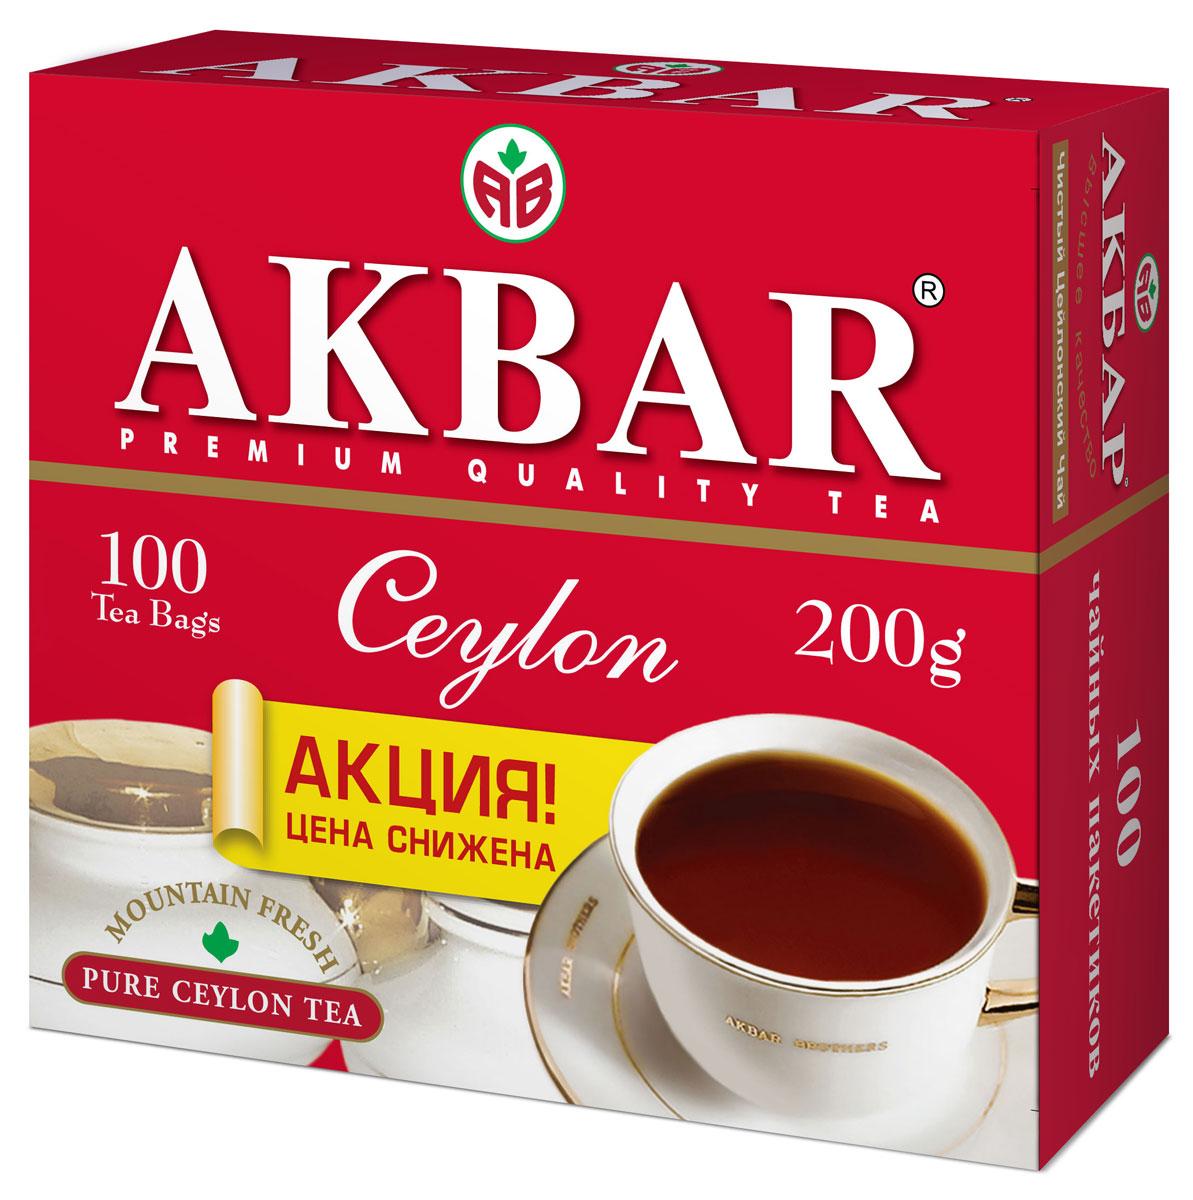 Akbar Ceylon чай черный в пакетиках, 100 шт0120710Черный цейлонский чай AKBAR Ceylon обладает великолепным устойчивым вкусом и классическим чайным ароматом. Он отличается неизменно высоким качеством как самого чая, так и его эксклюзивной упаковки, позволяющей продукту долго сохранять в первозданном виде его ценные природные качества. AKBAR Ceylon - один из наиболее известных сортов черного цейлонского чая, обработанный по старинному английскому рецепту. Выращенный исключительно на элитных плантациях Шри-Ланки AKBAR Ceylon объединяет в себе все лучшее, чем славится настоящий цейлонский чай: богатый аромат, тонизирующий вкус, насыщенный цвет настоя, неповторимая свежесть.